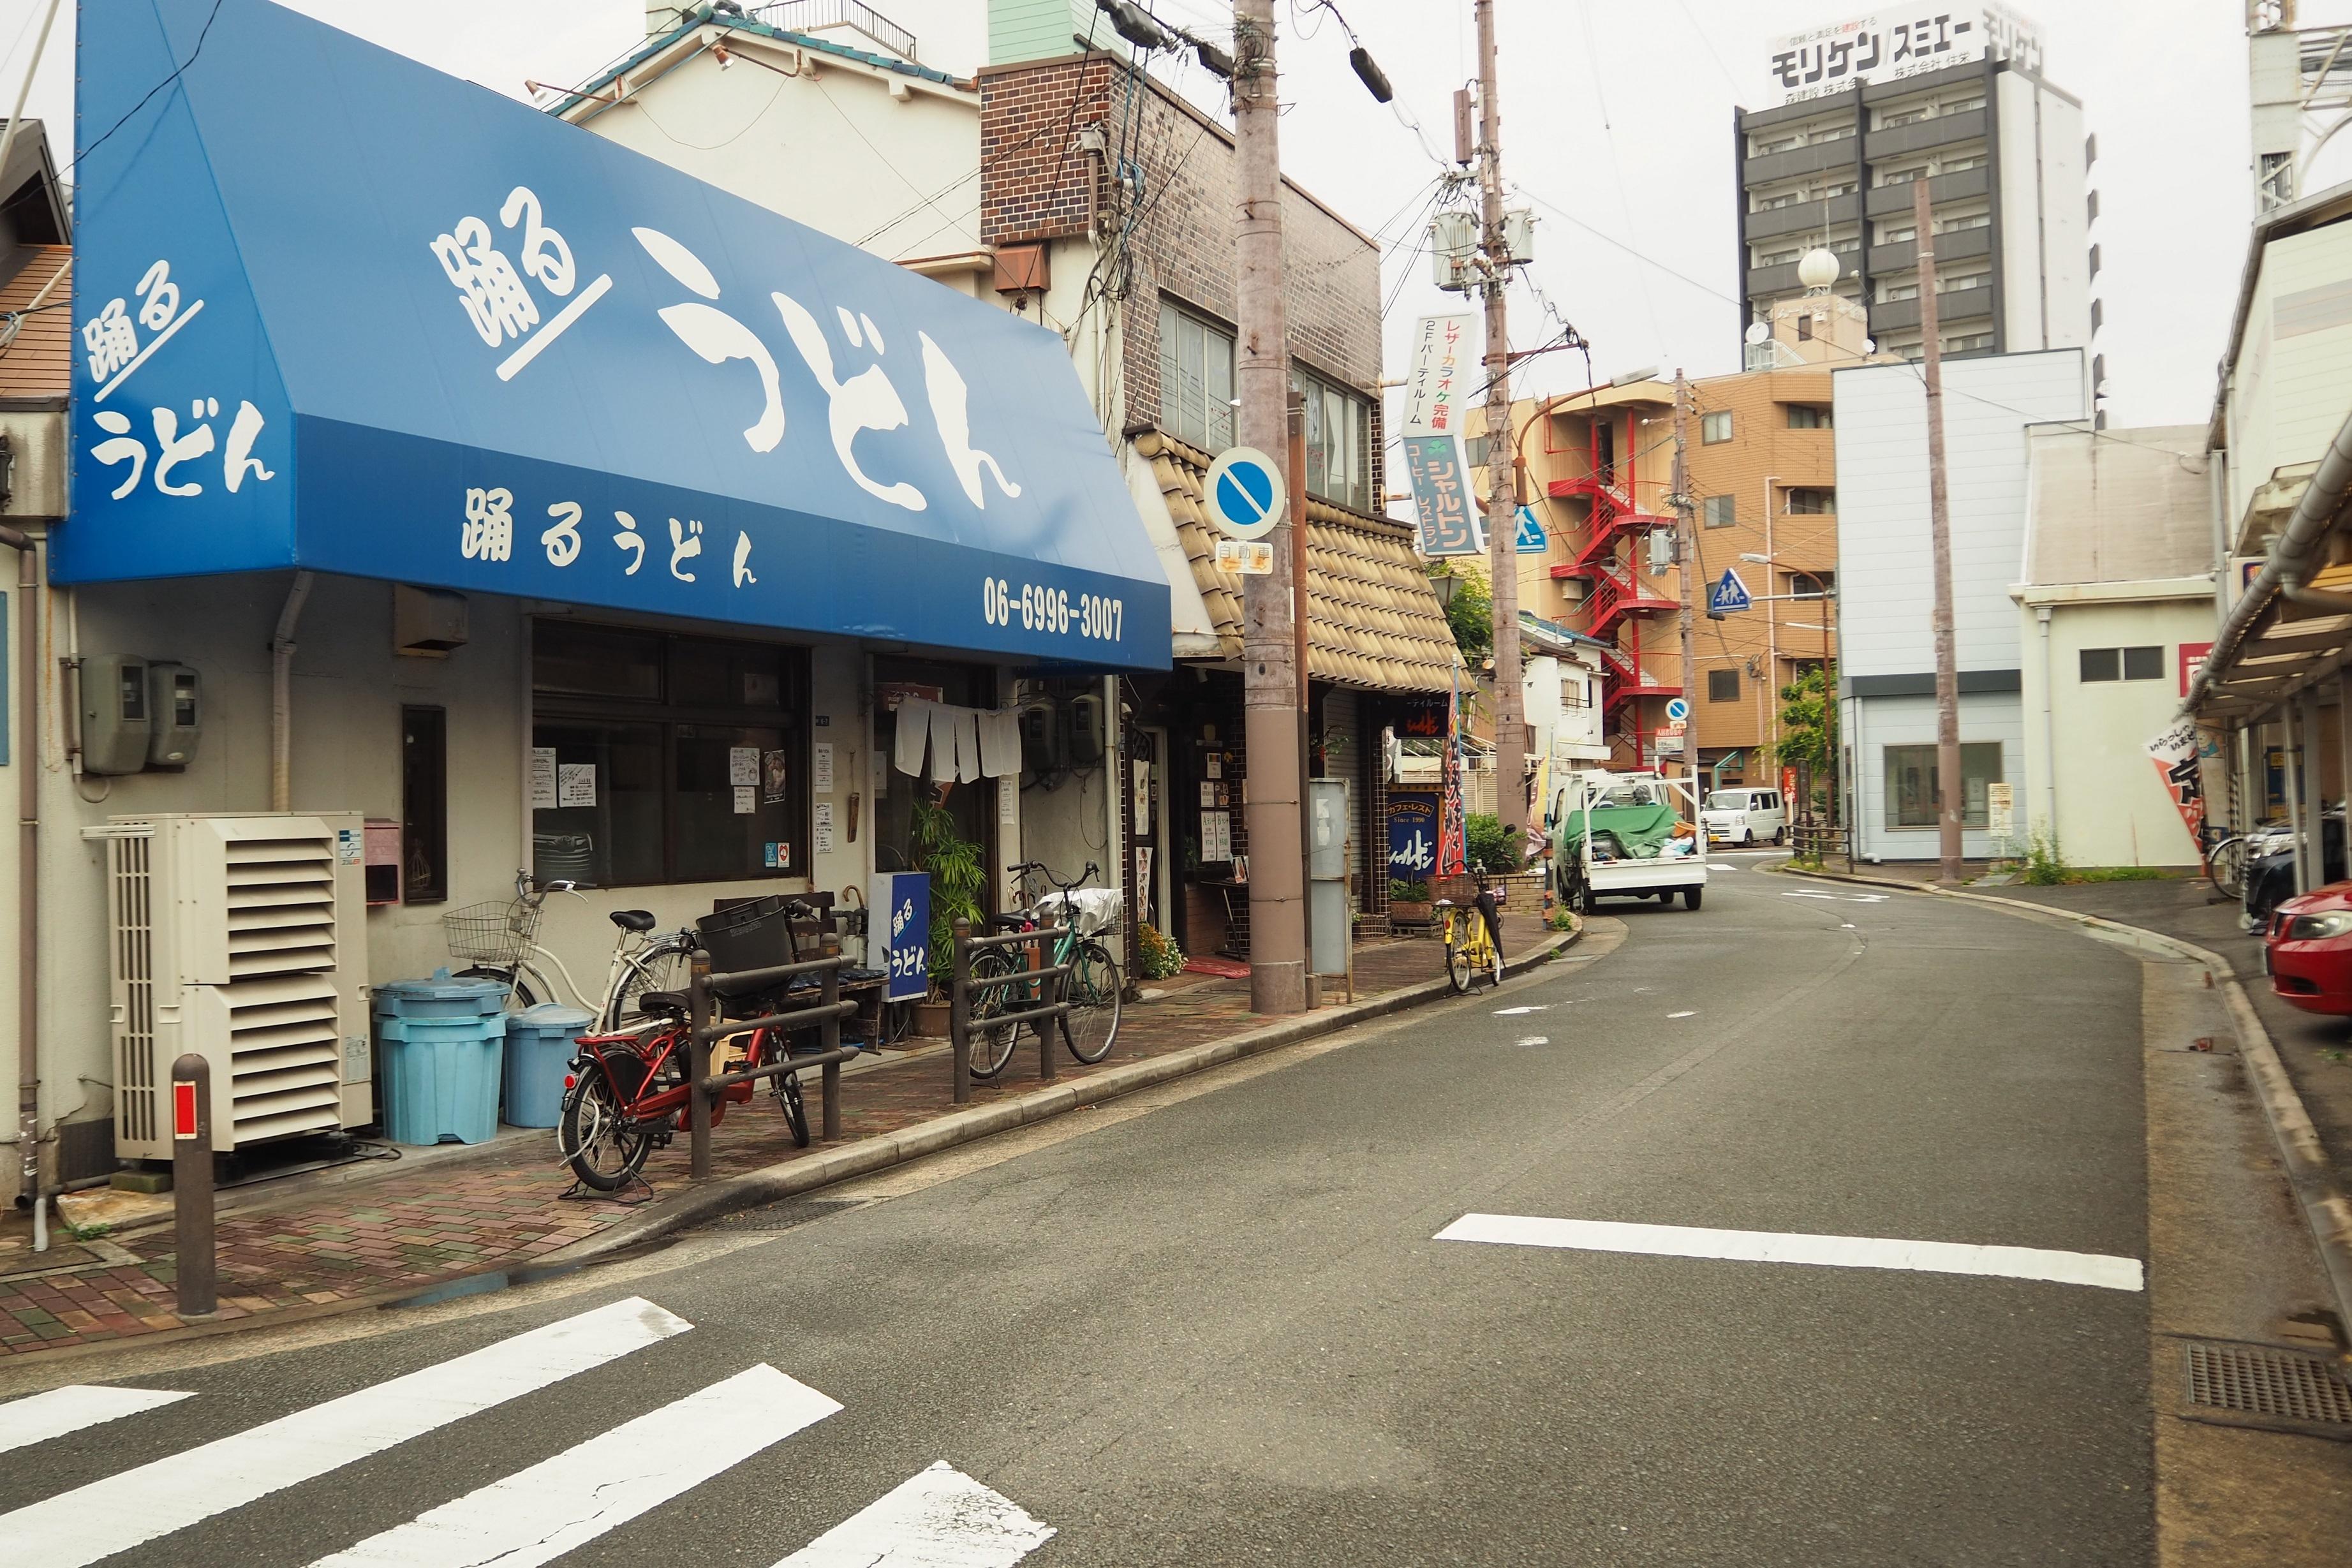 京阪沿線グルメ 京阪滝井駅前 踊るうどん